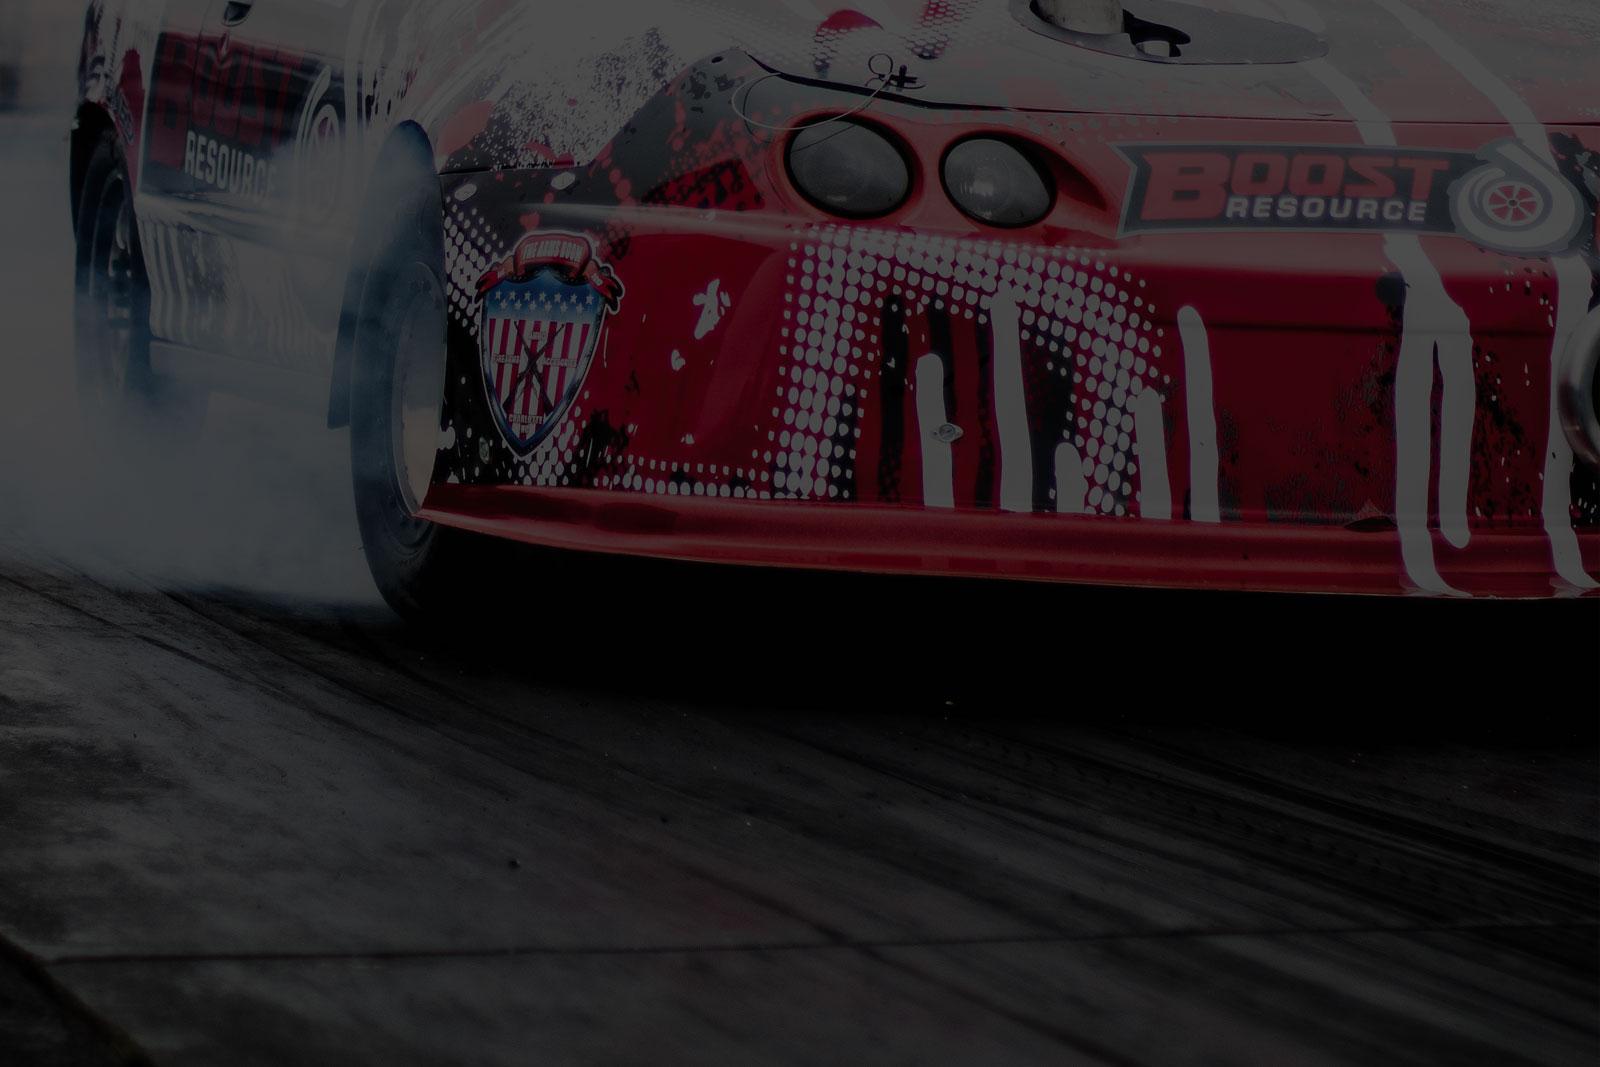 Honda Acura Drag Front